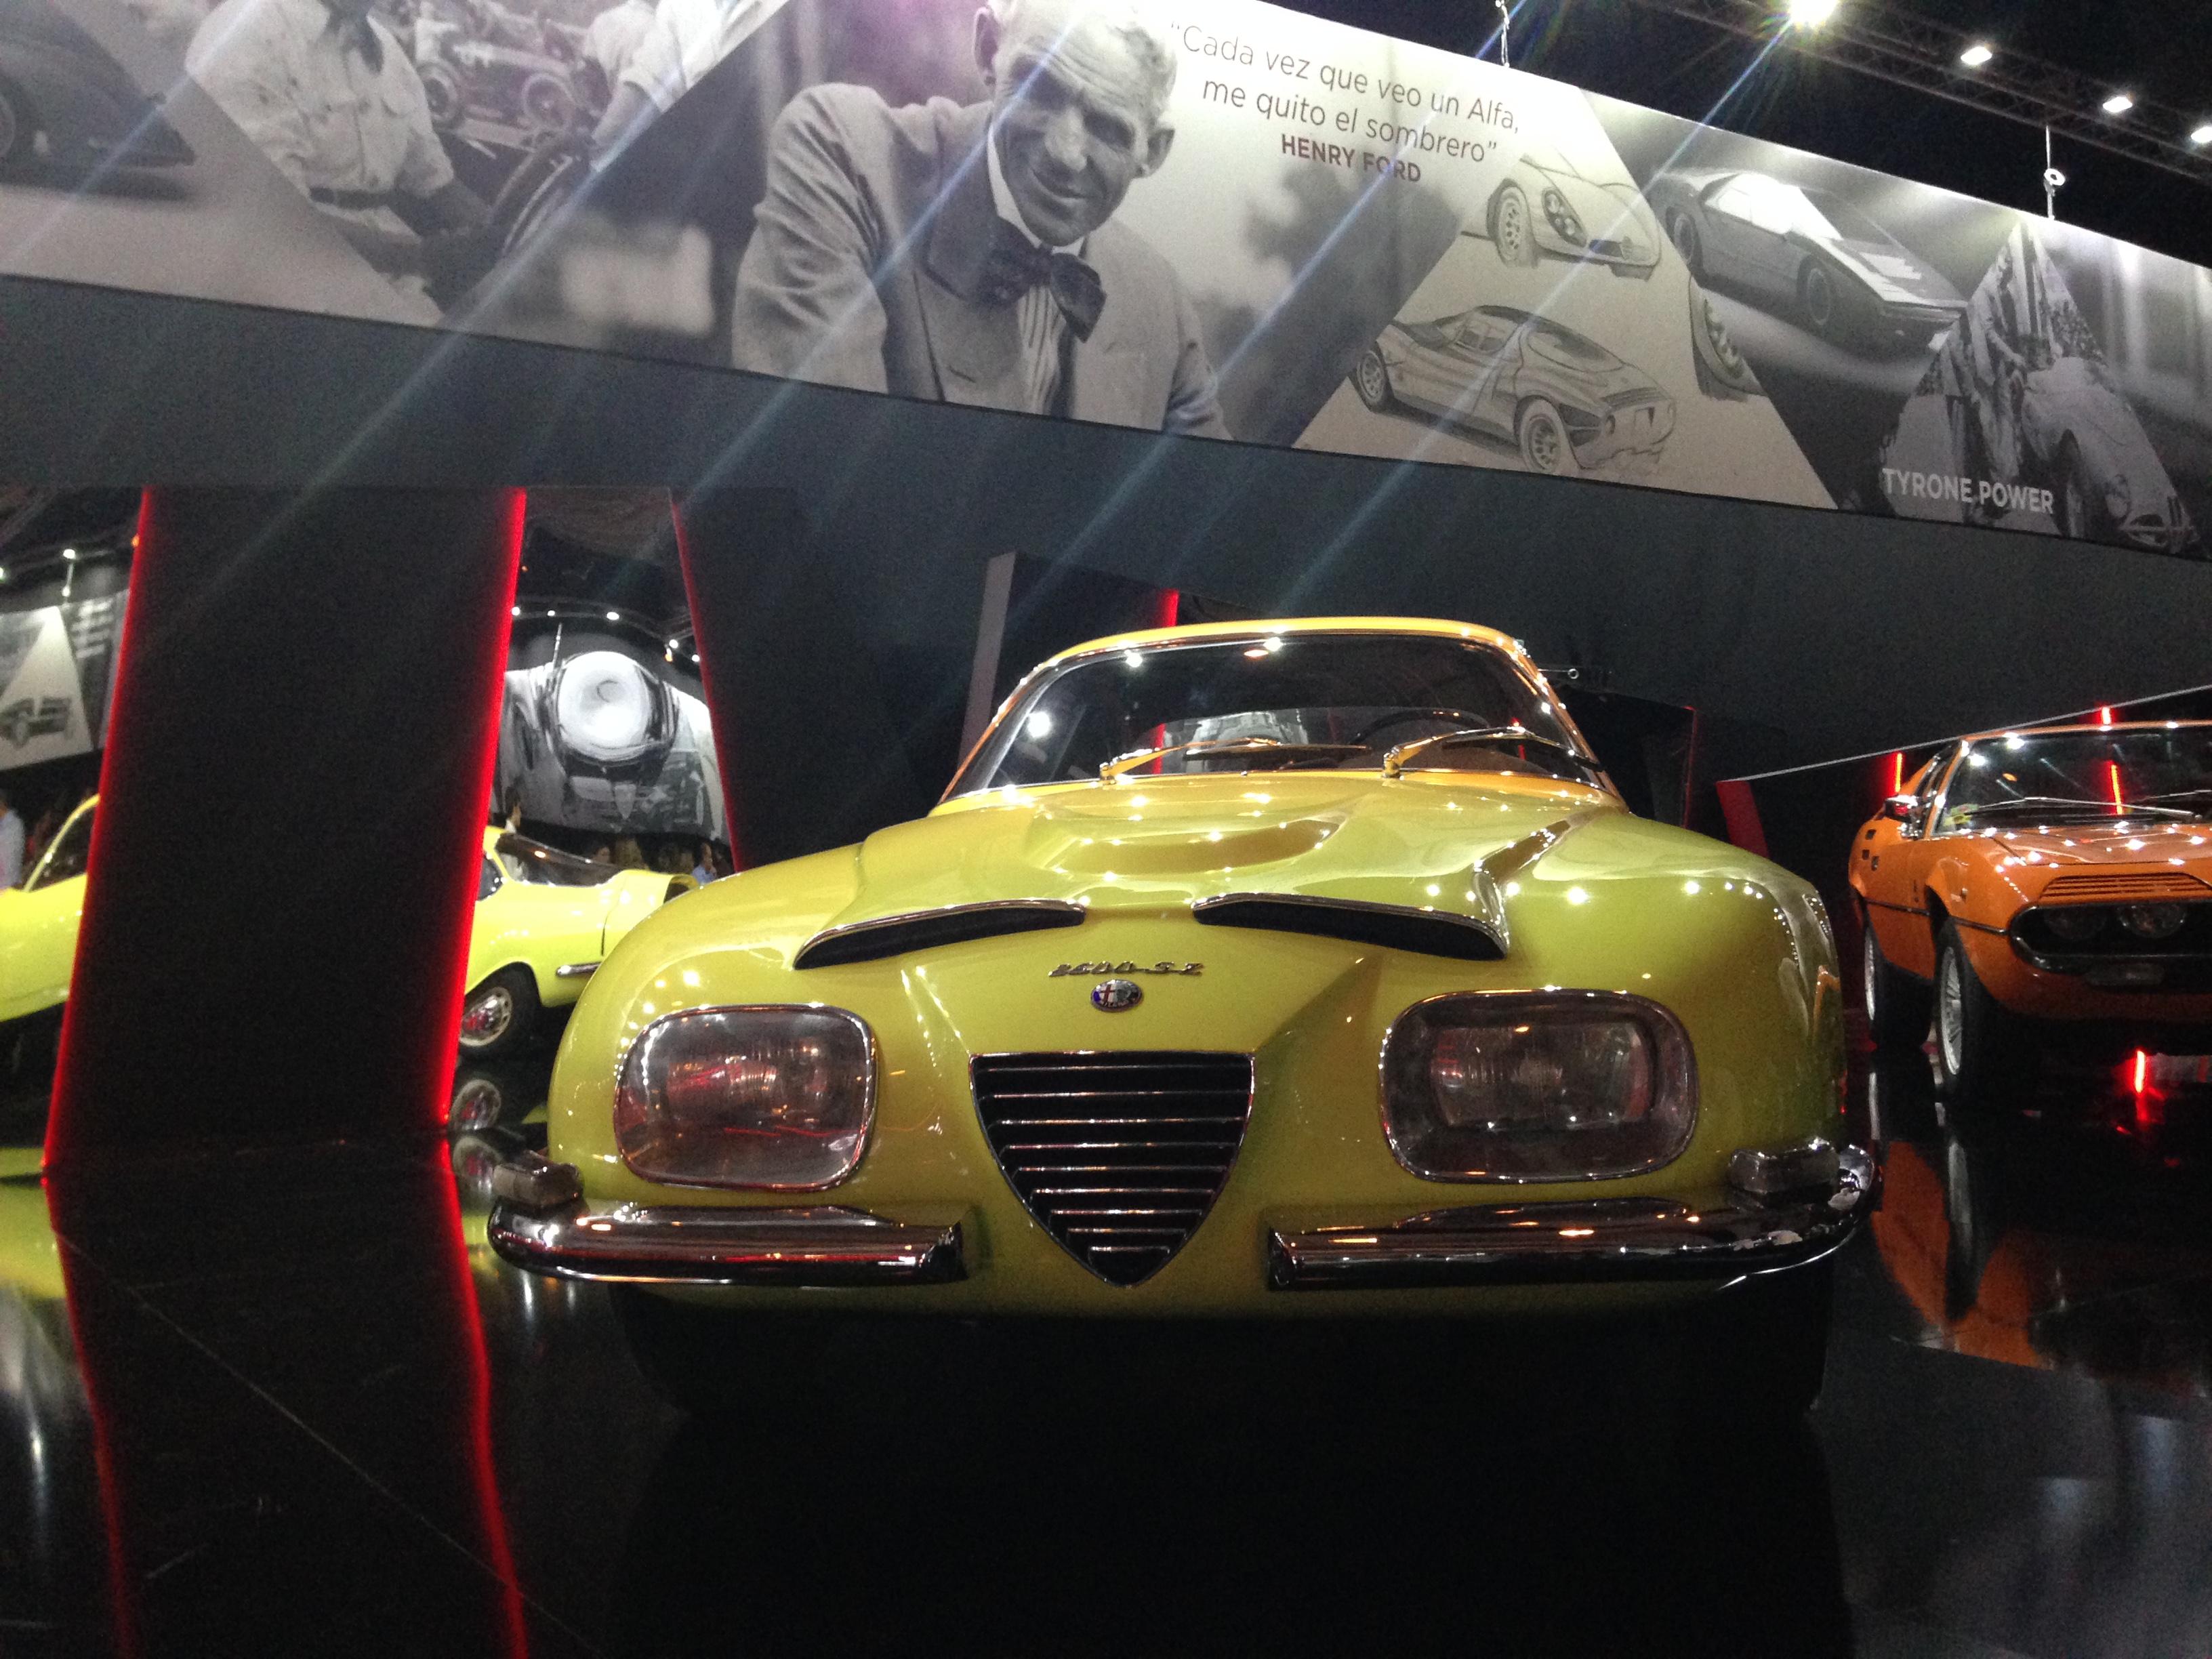 Alfa Romeo Il Museo Delle Emozioni Automitico (43)